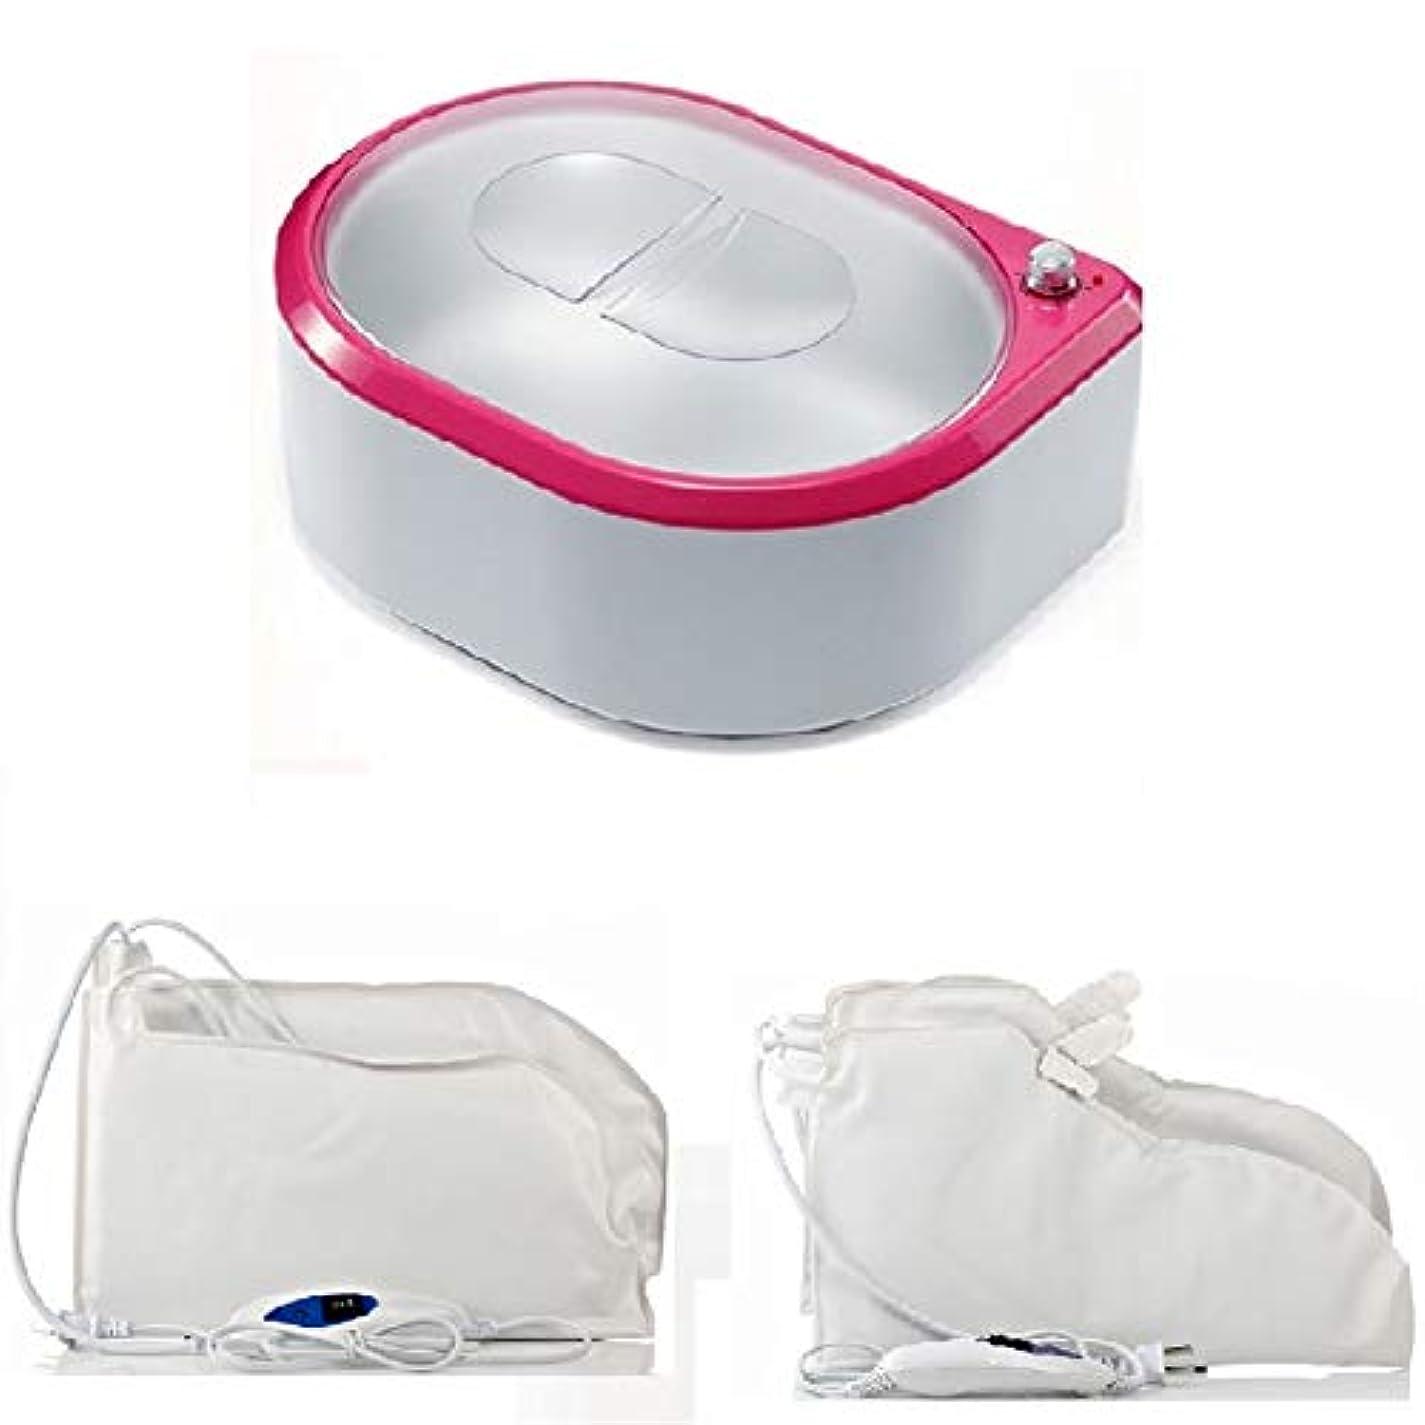 該当する防止まだら5Lワックスウォーマーパラフィンヒーターマシンと加熱された電気ブーティーと連続水和熱療法用手袋,ピンク